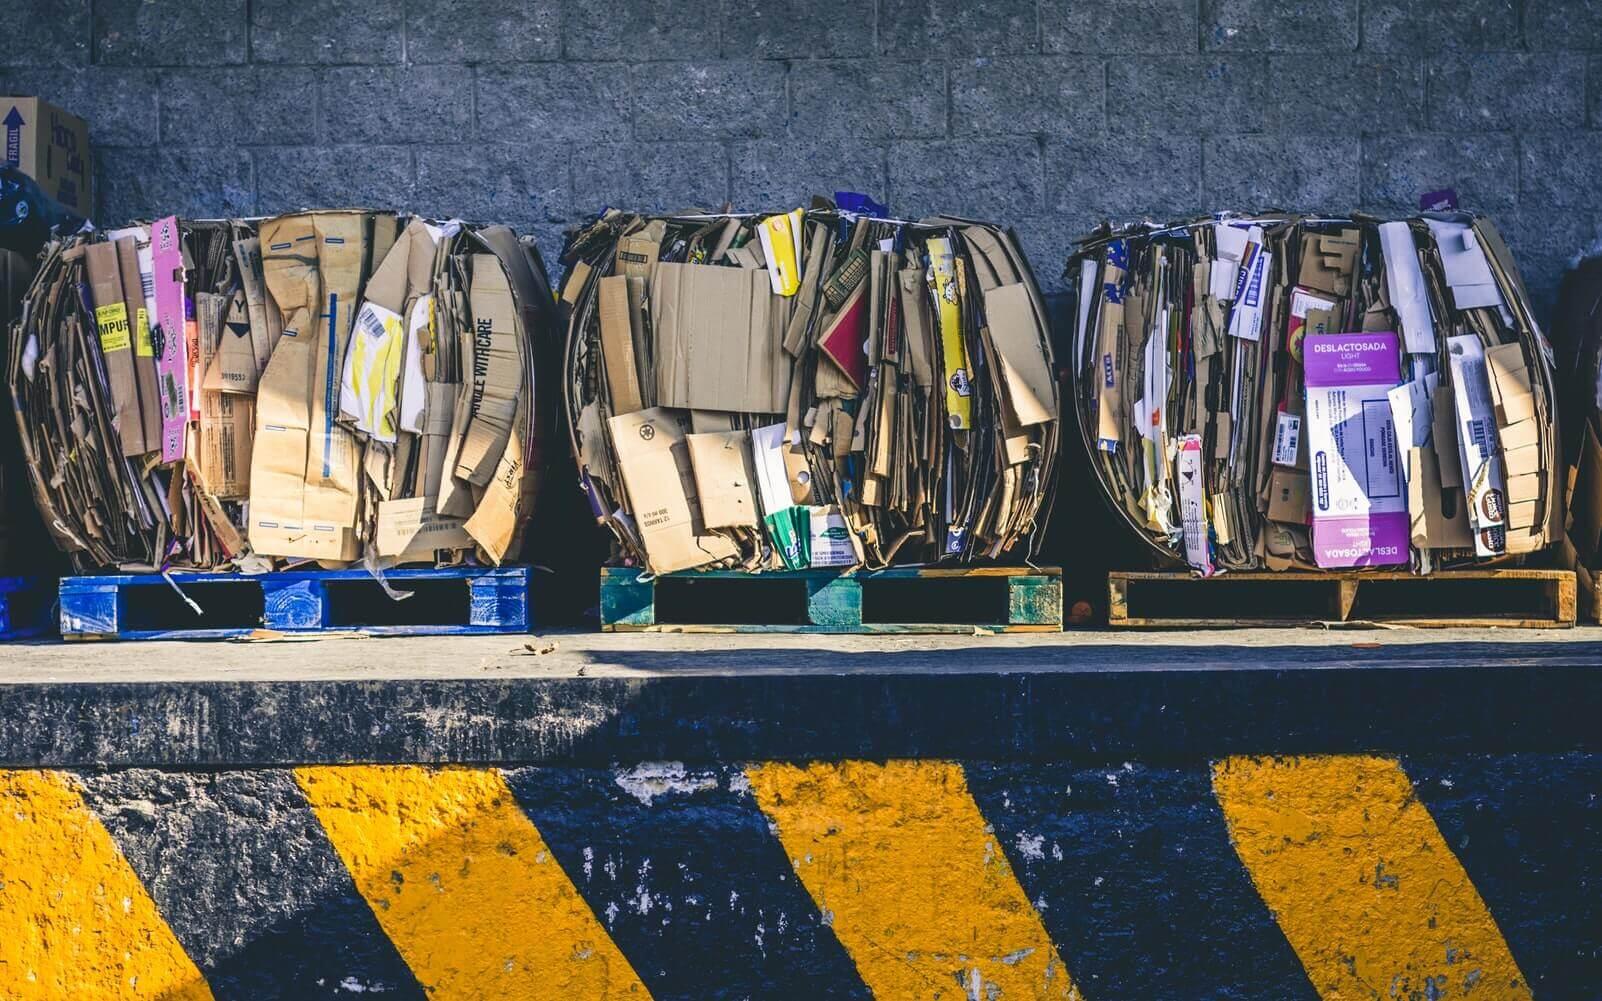 Поясним за новости: в России впервые начали сортировать отходы после перелётов